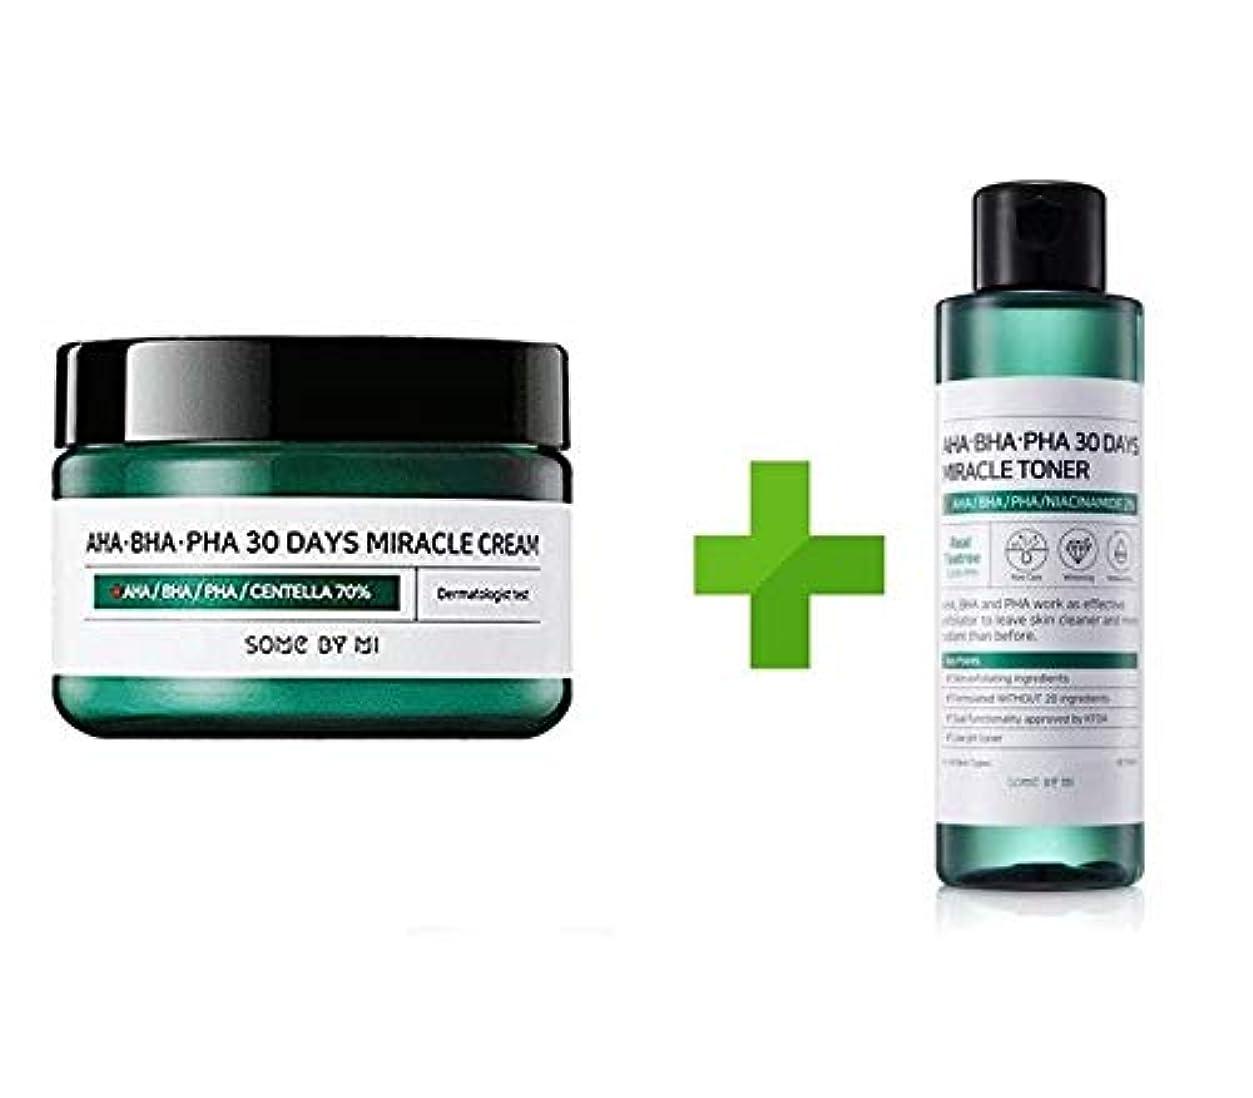 移動するシマウマ下向きSomebymi AHA BHA PHA Miracle Cream (50ml + Toner 150ml)Skin Barrier & Recovery, Soothing with Tea Tree 10,000ppm...